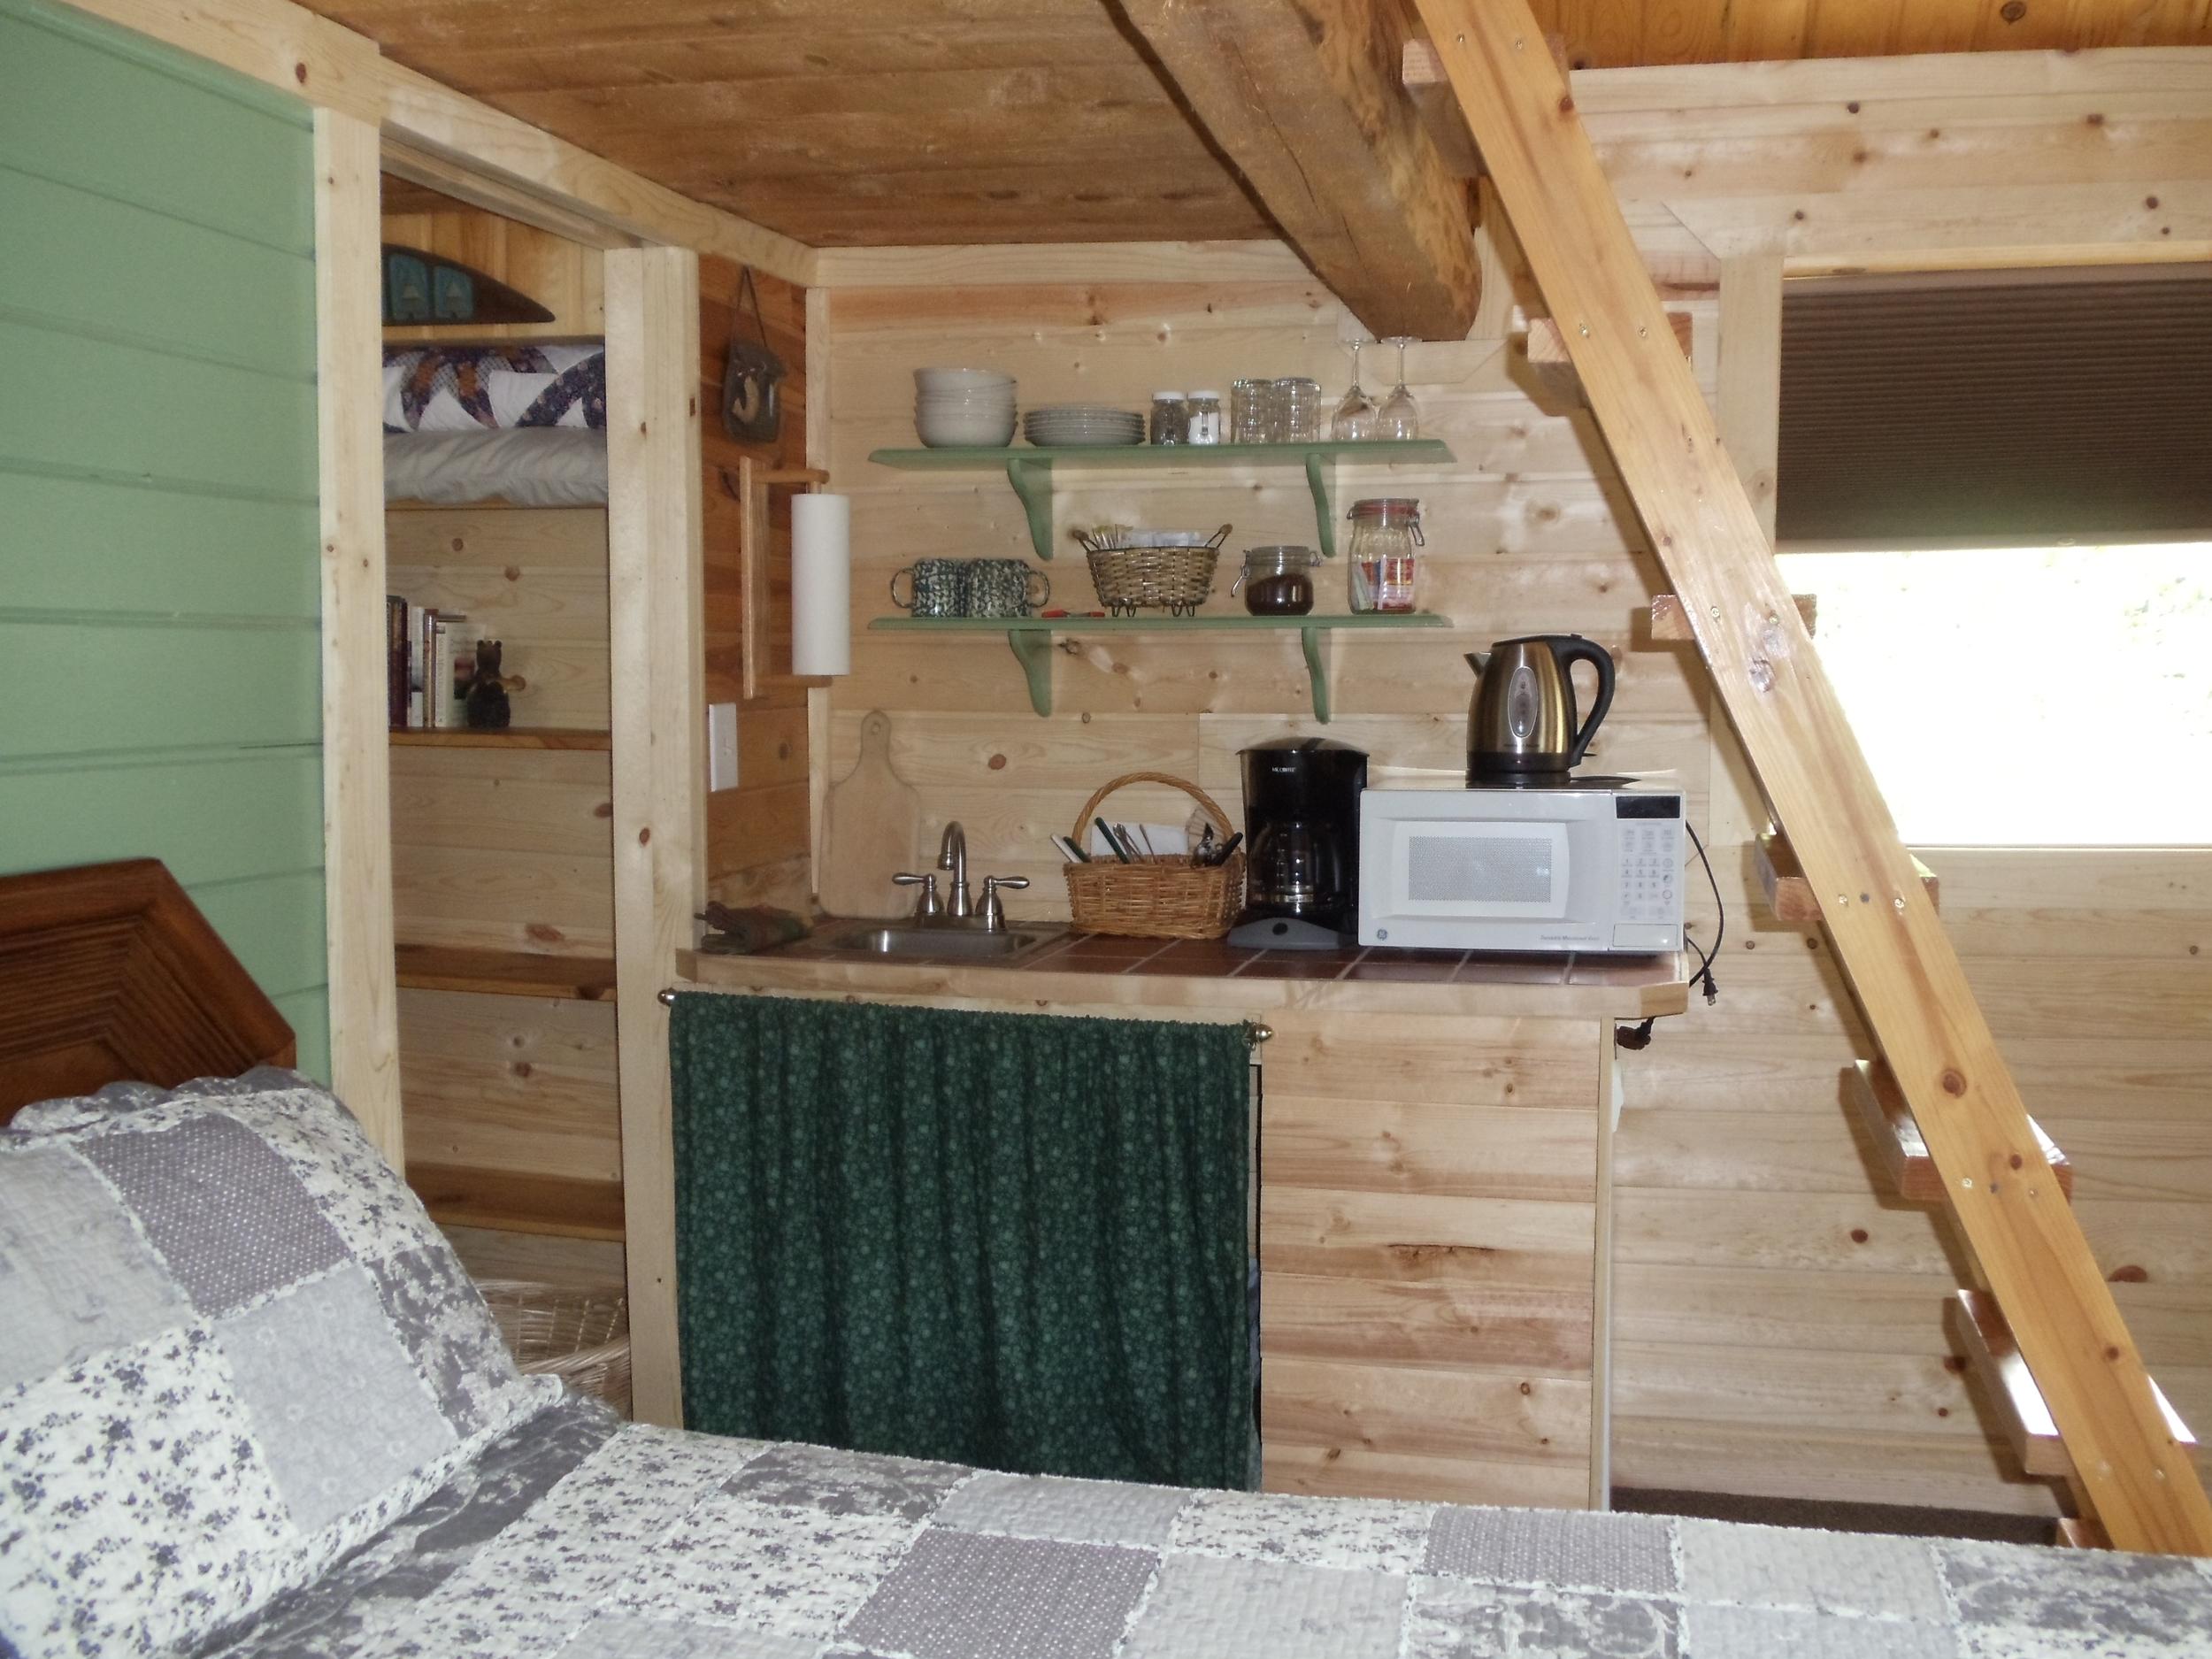 cabin kitchenette 2.JPG